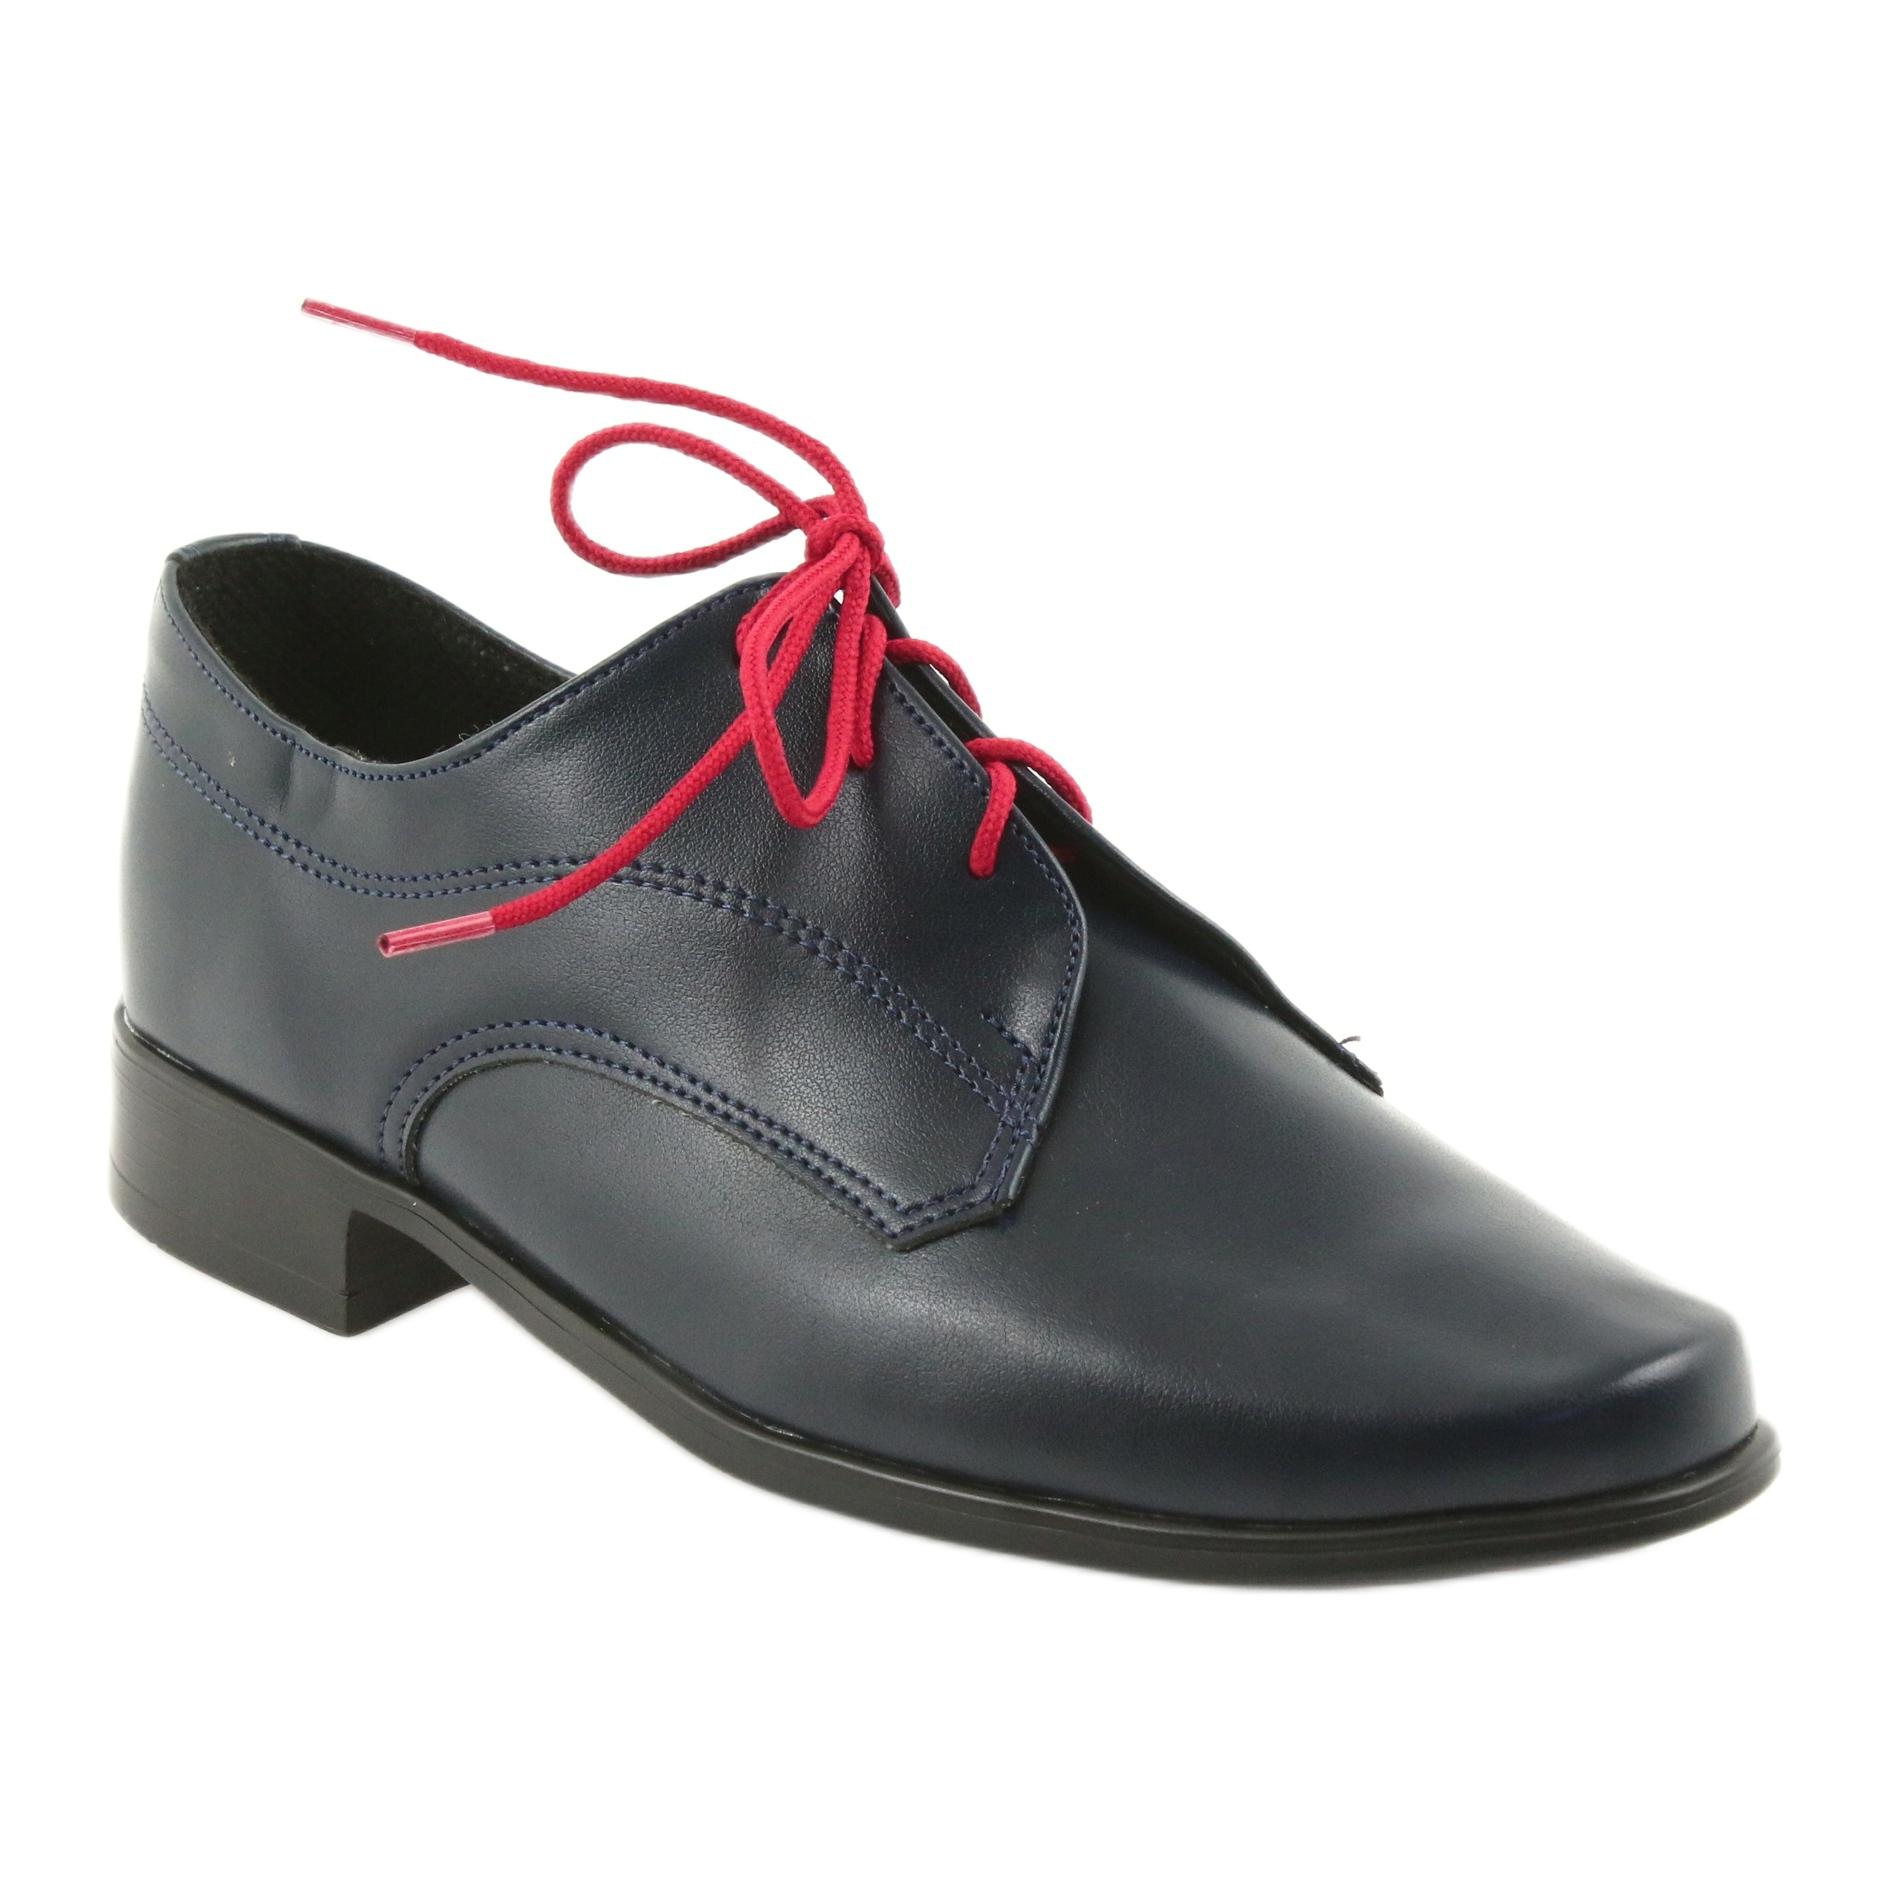 Miko Schuhe Kinder Wildleder Kommunion Schuhe marine